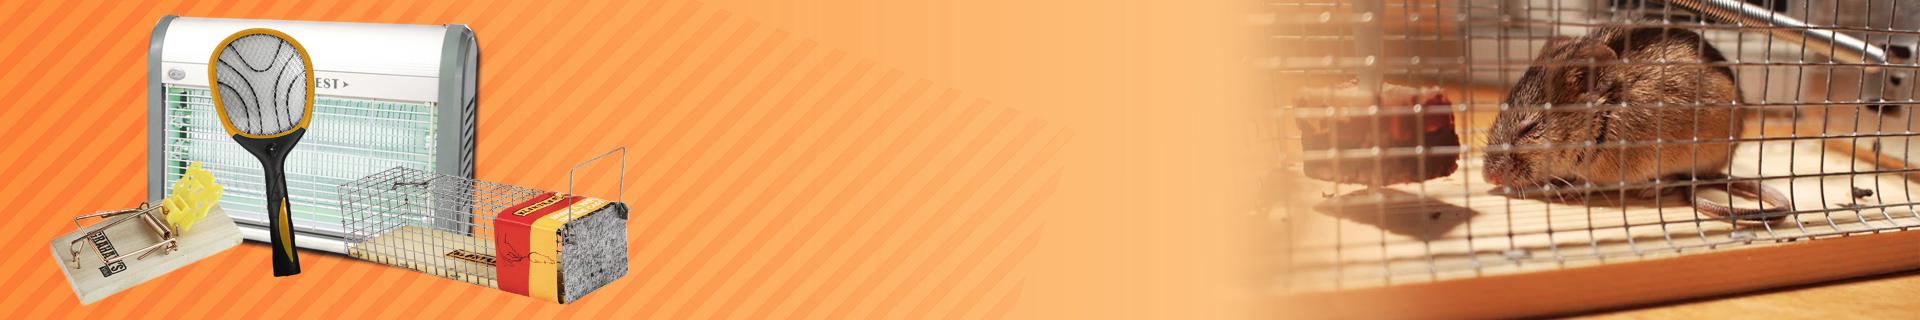 Efficace 30m/² HK Lampe Anti Moustique Electrique Int/érieur et Ext/érieur Tue Mouches 7W UV LED Tueur De Moustique Lampes R/épulsif Piege a Mouche Anti Insecte Zapper Non Toxique